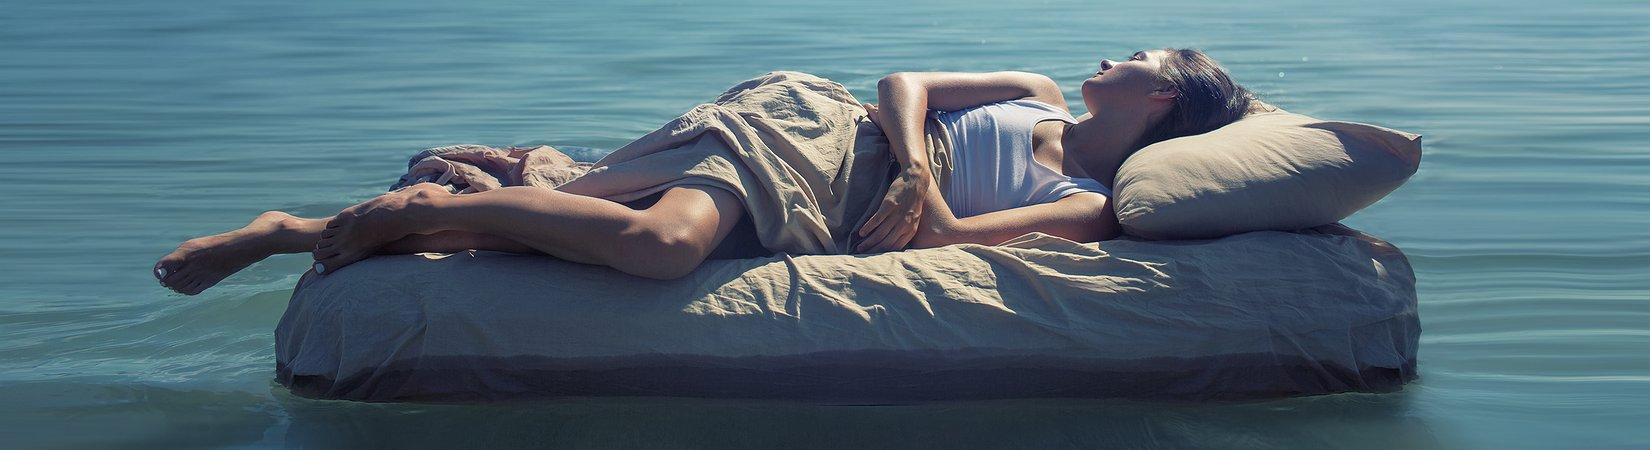 Schönheitsschlaf für alle